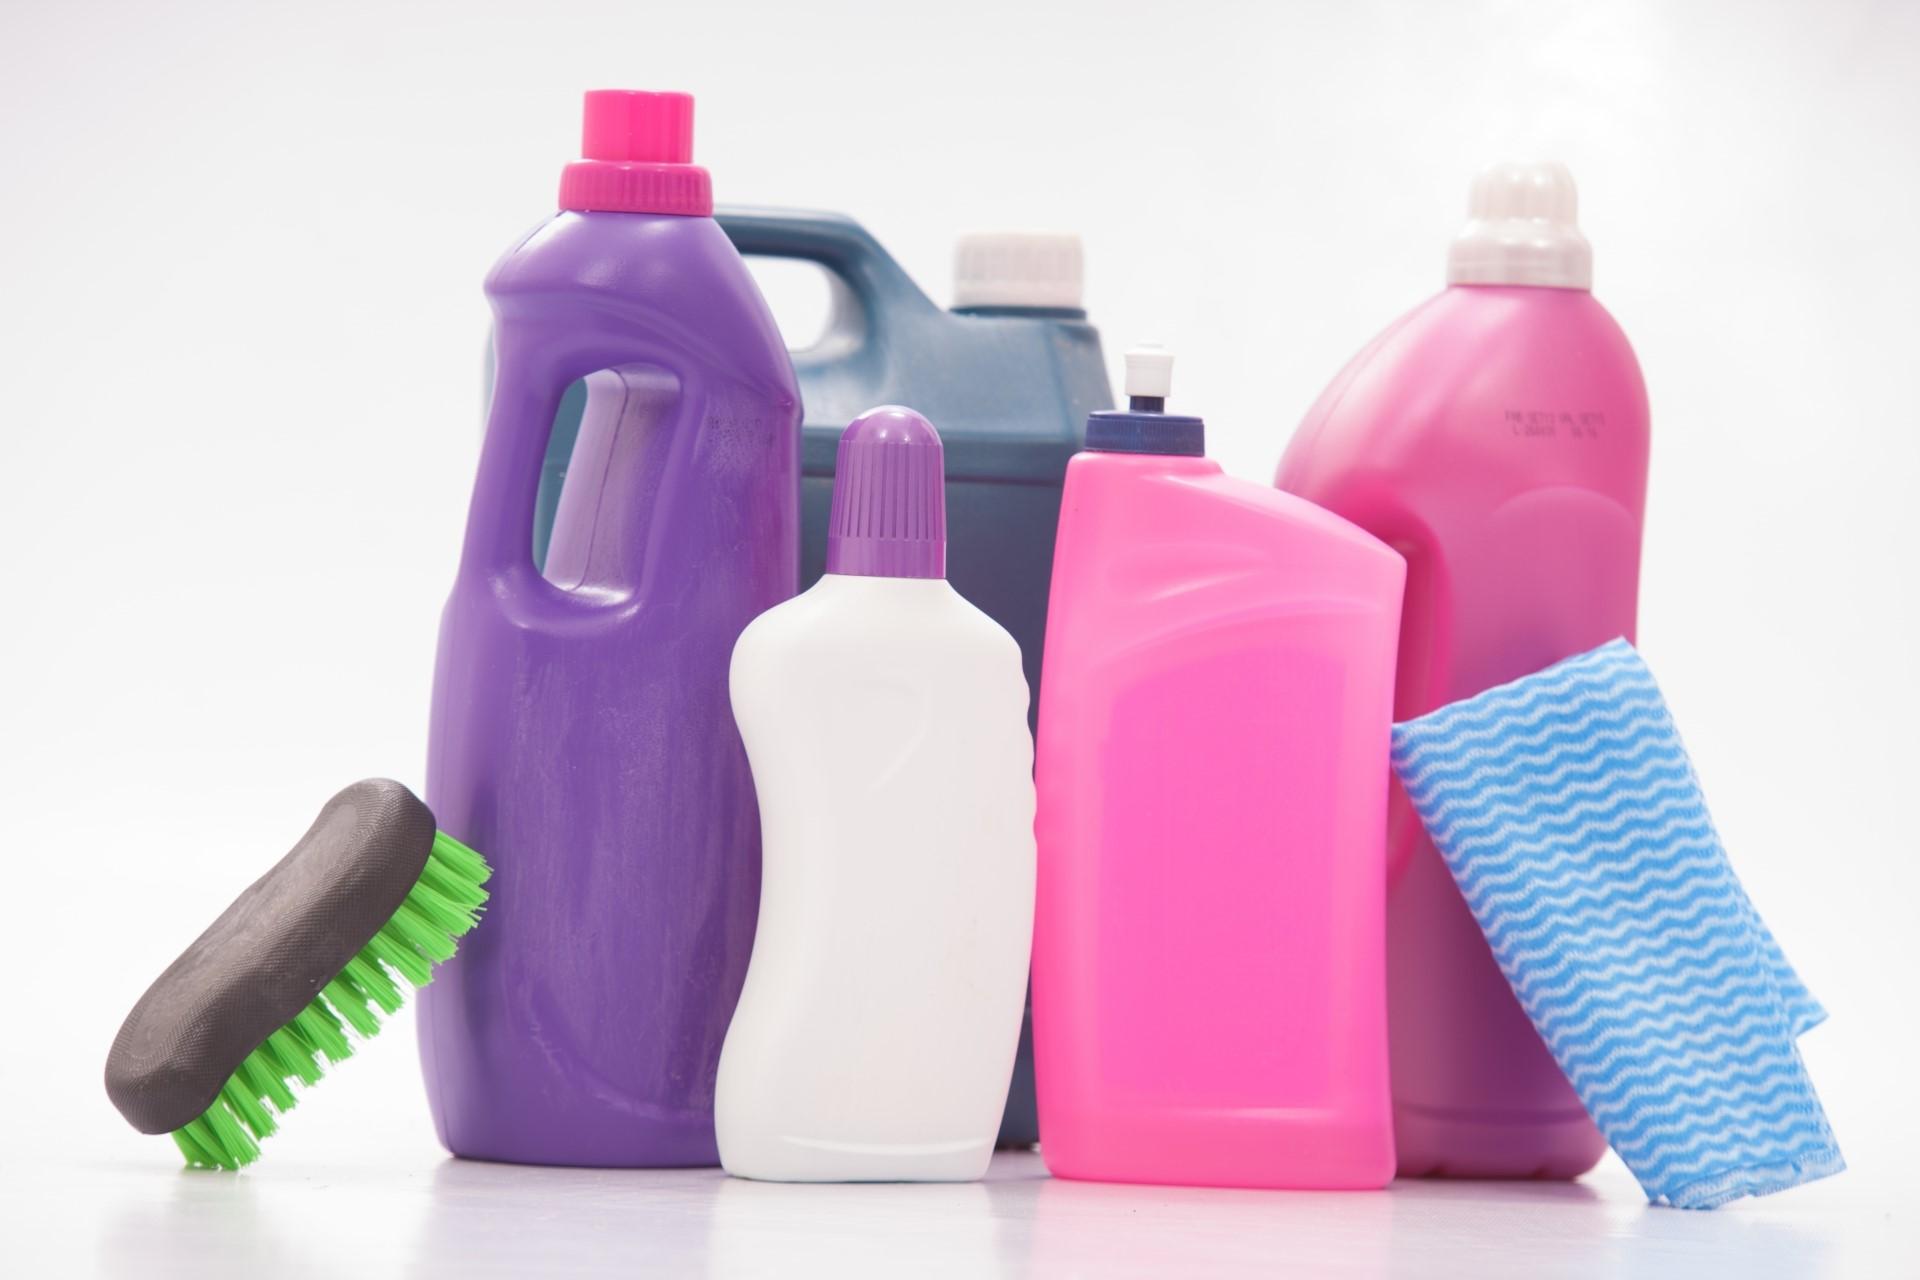 壁カビ除去に有効な洗剤とは 賢いカビ除去の手引き カビ除去 カビ防止 ダクト清掃 カビラボ